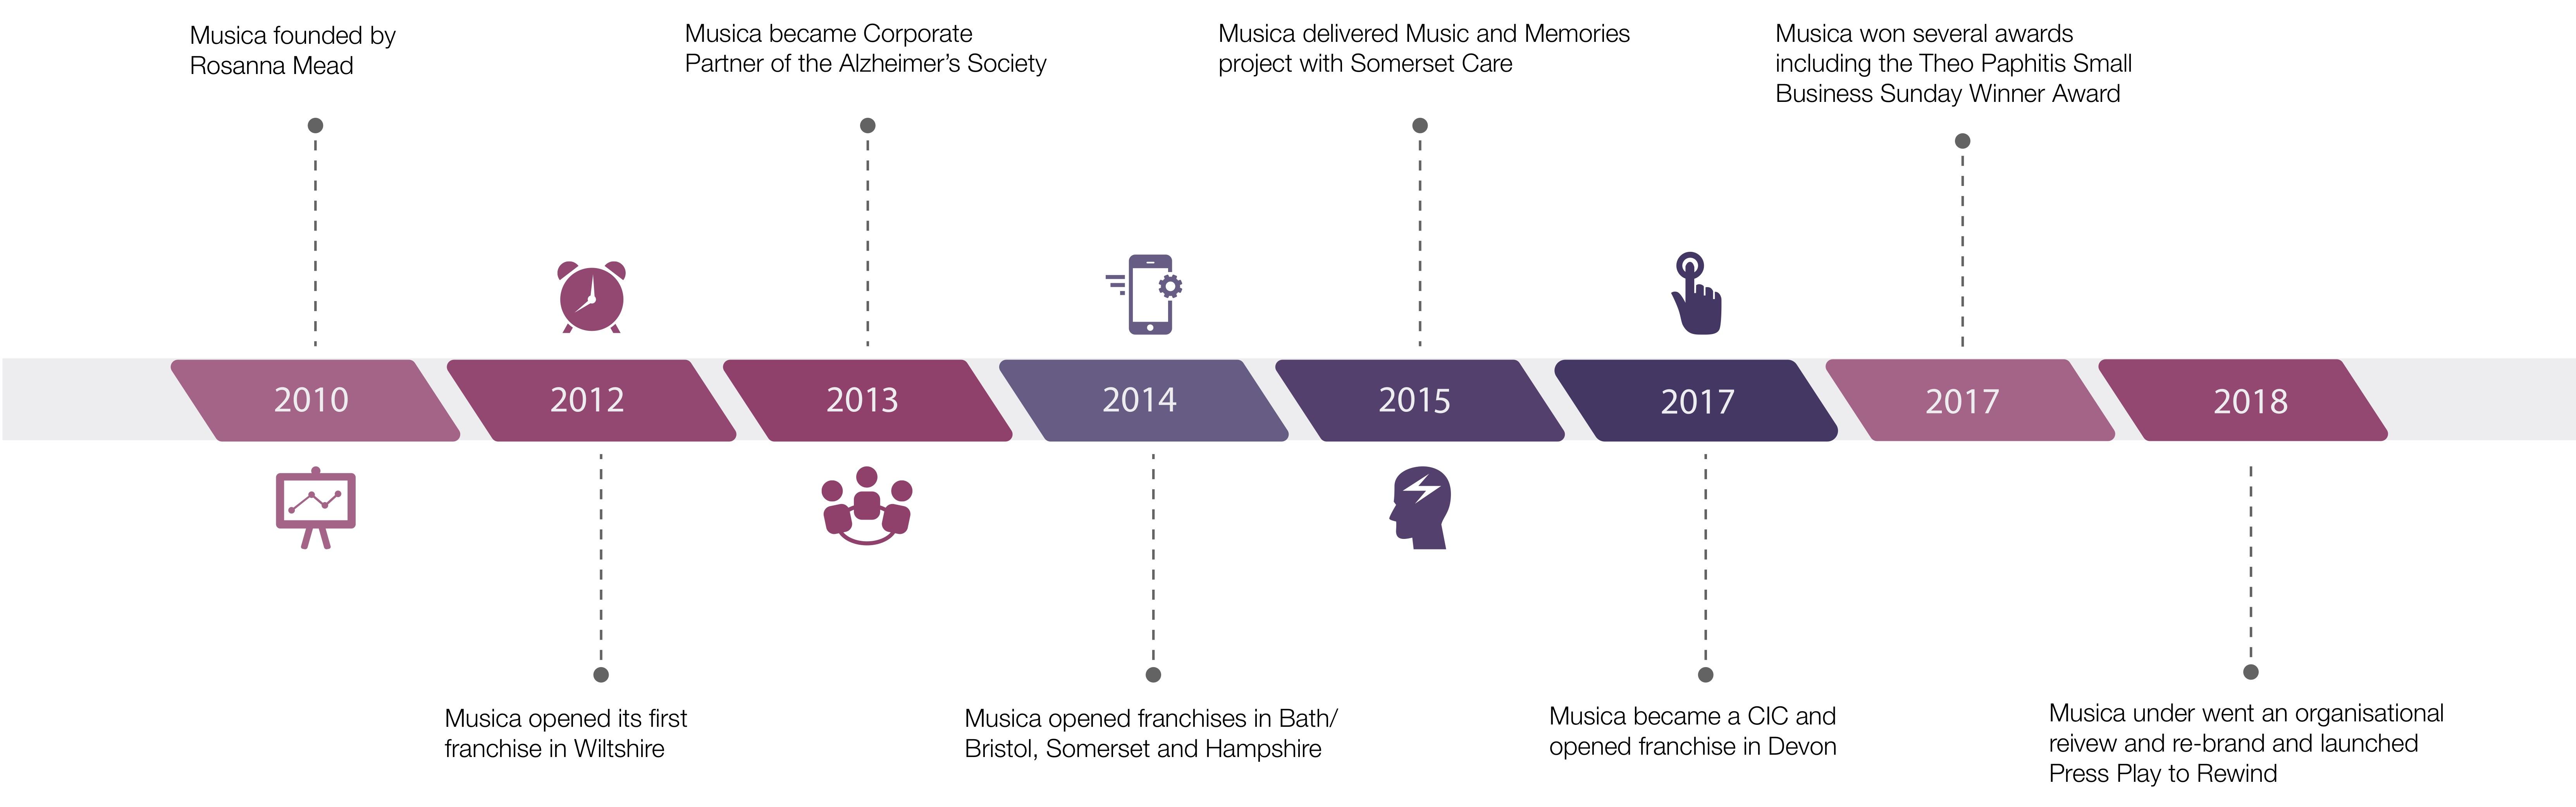 https://musica-music.co.uk/wp-content/uploads/2018/10/Musica-Website-Timeline-1.jpg